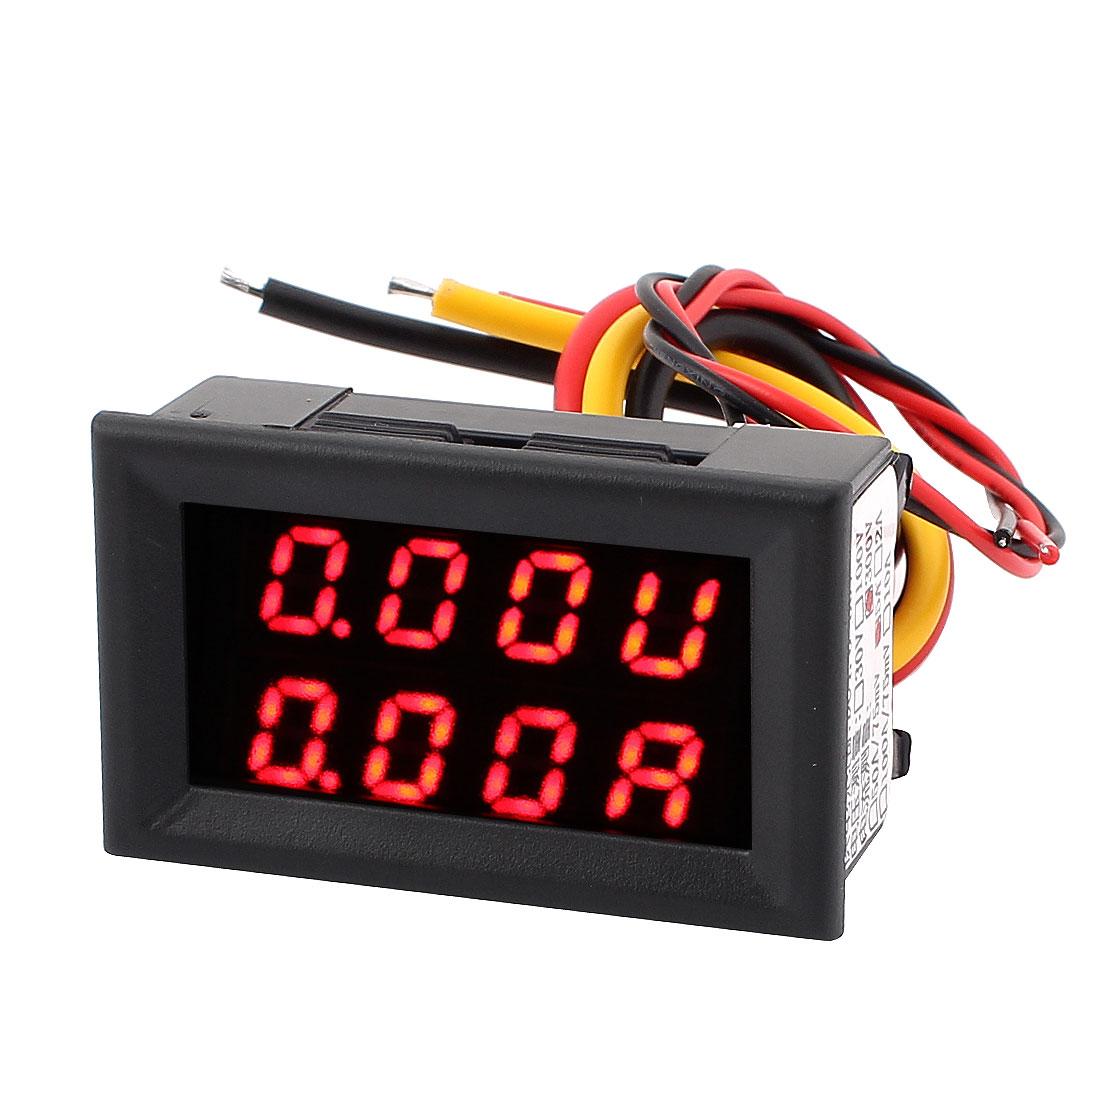 DC 0-300V 0-5A Dual LED Digital Battery Tester Monitor Voltage Current Meter